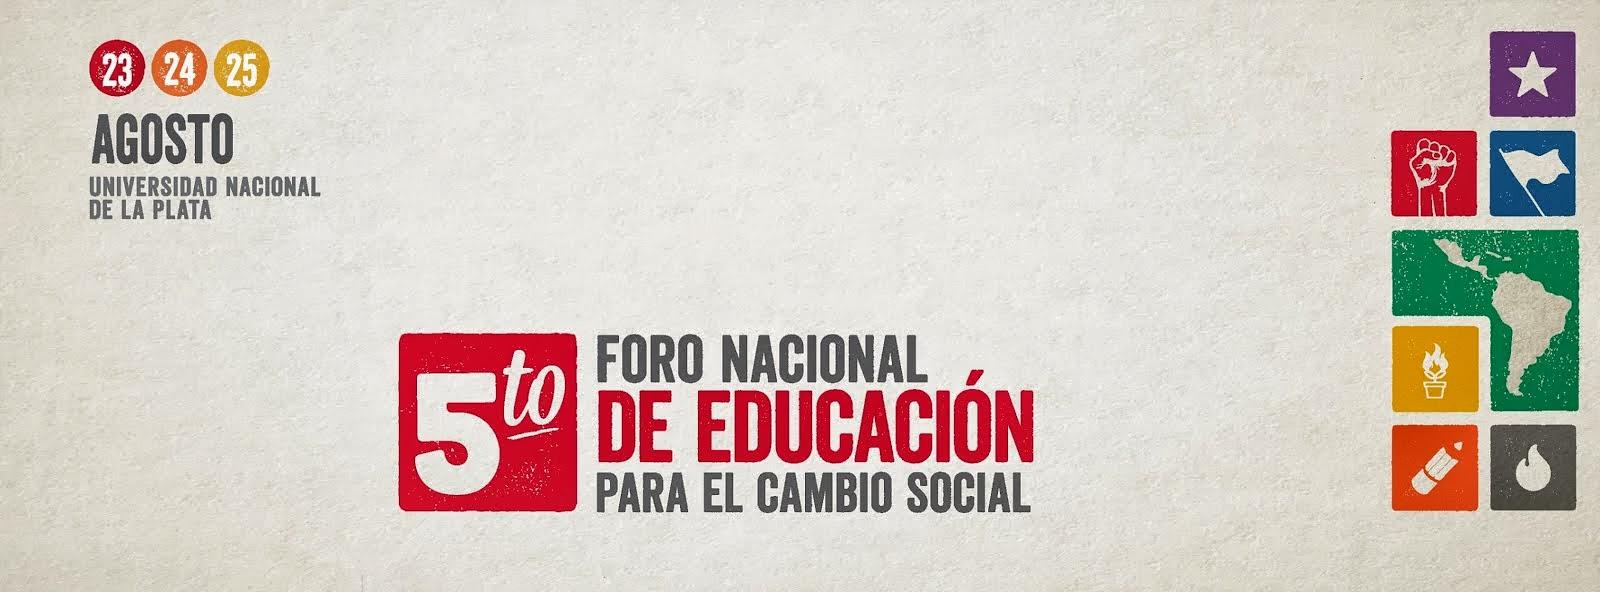 Foro Nacional de Educación para el Cambio Social